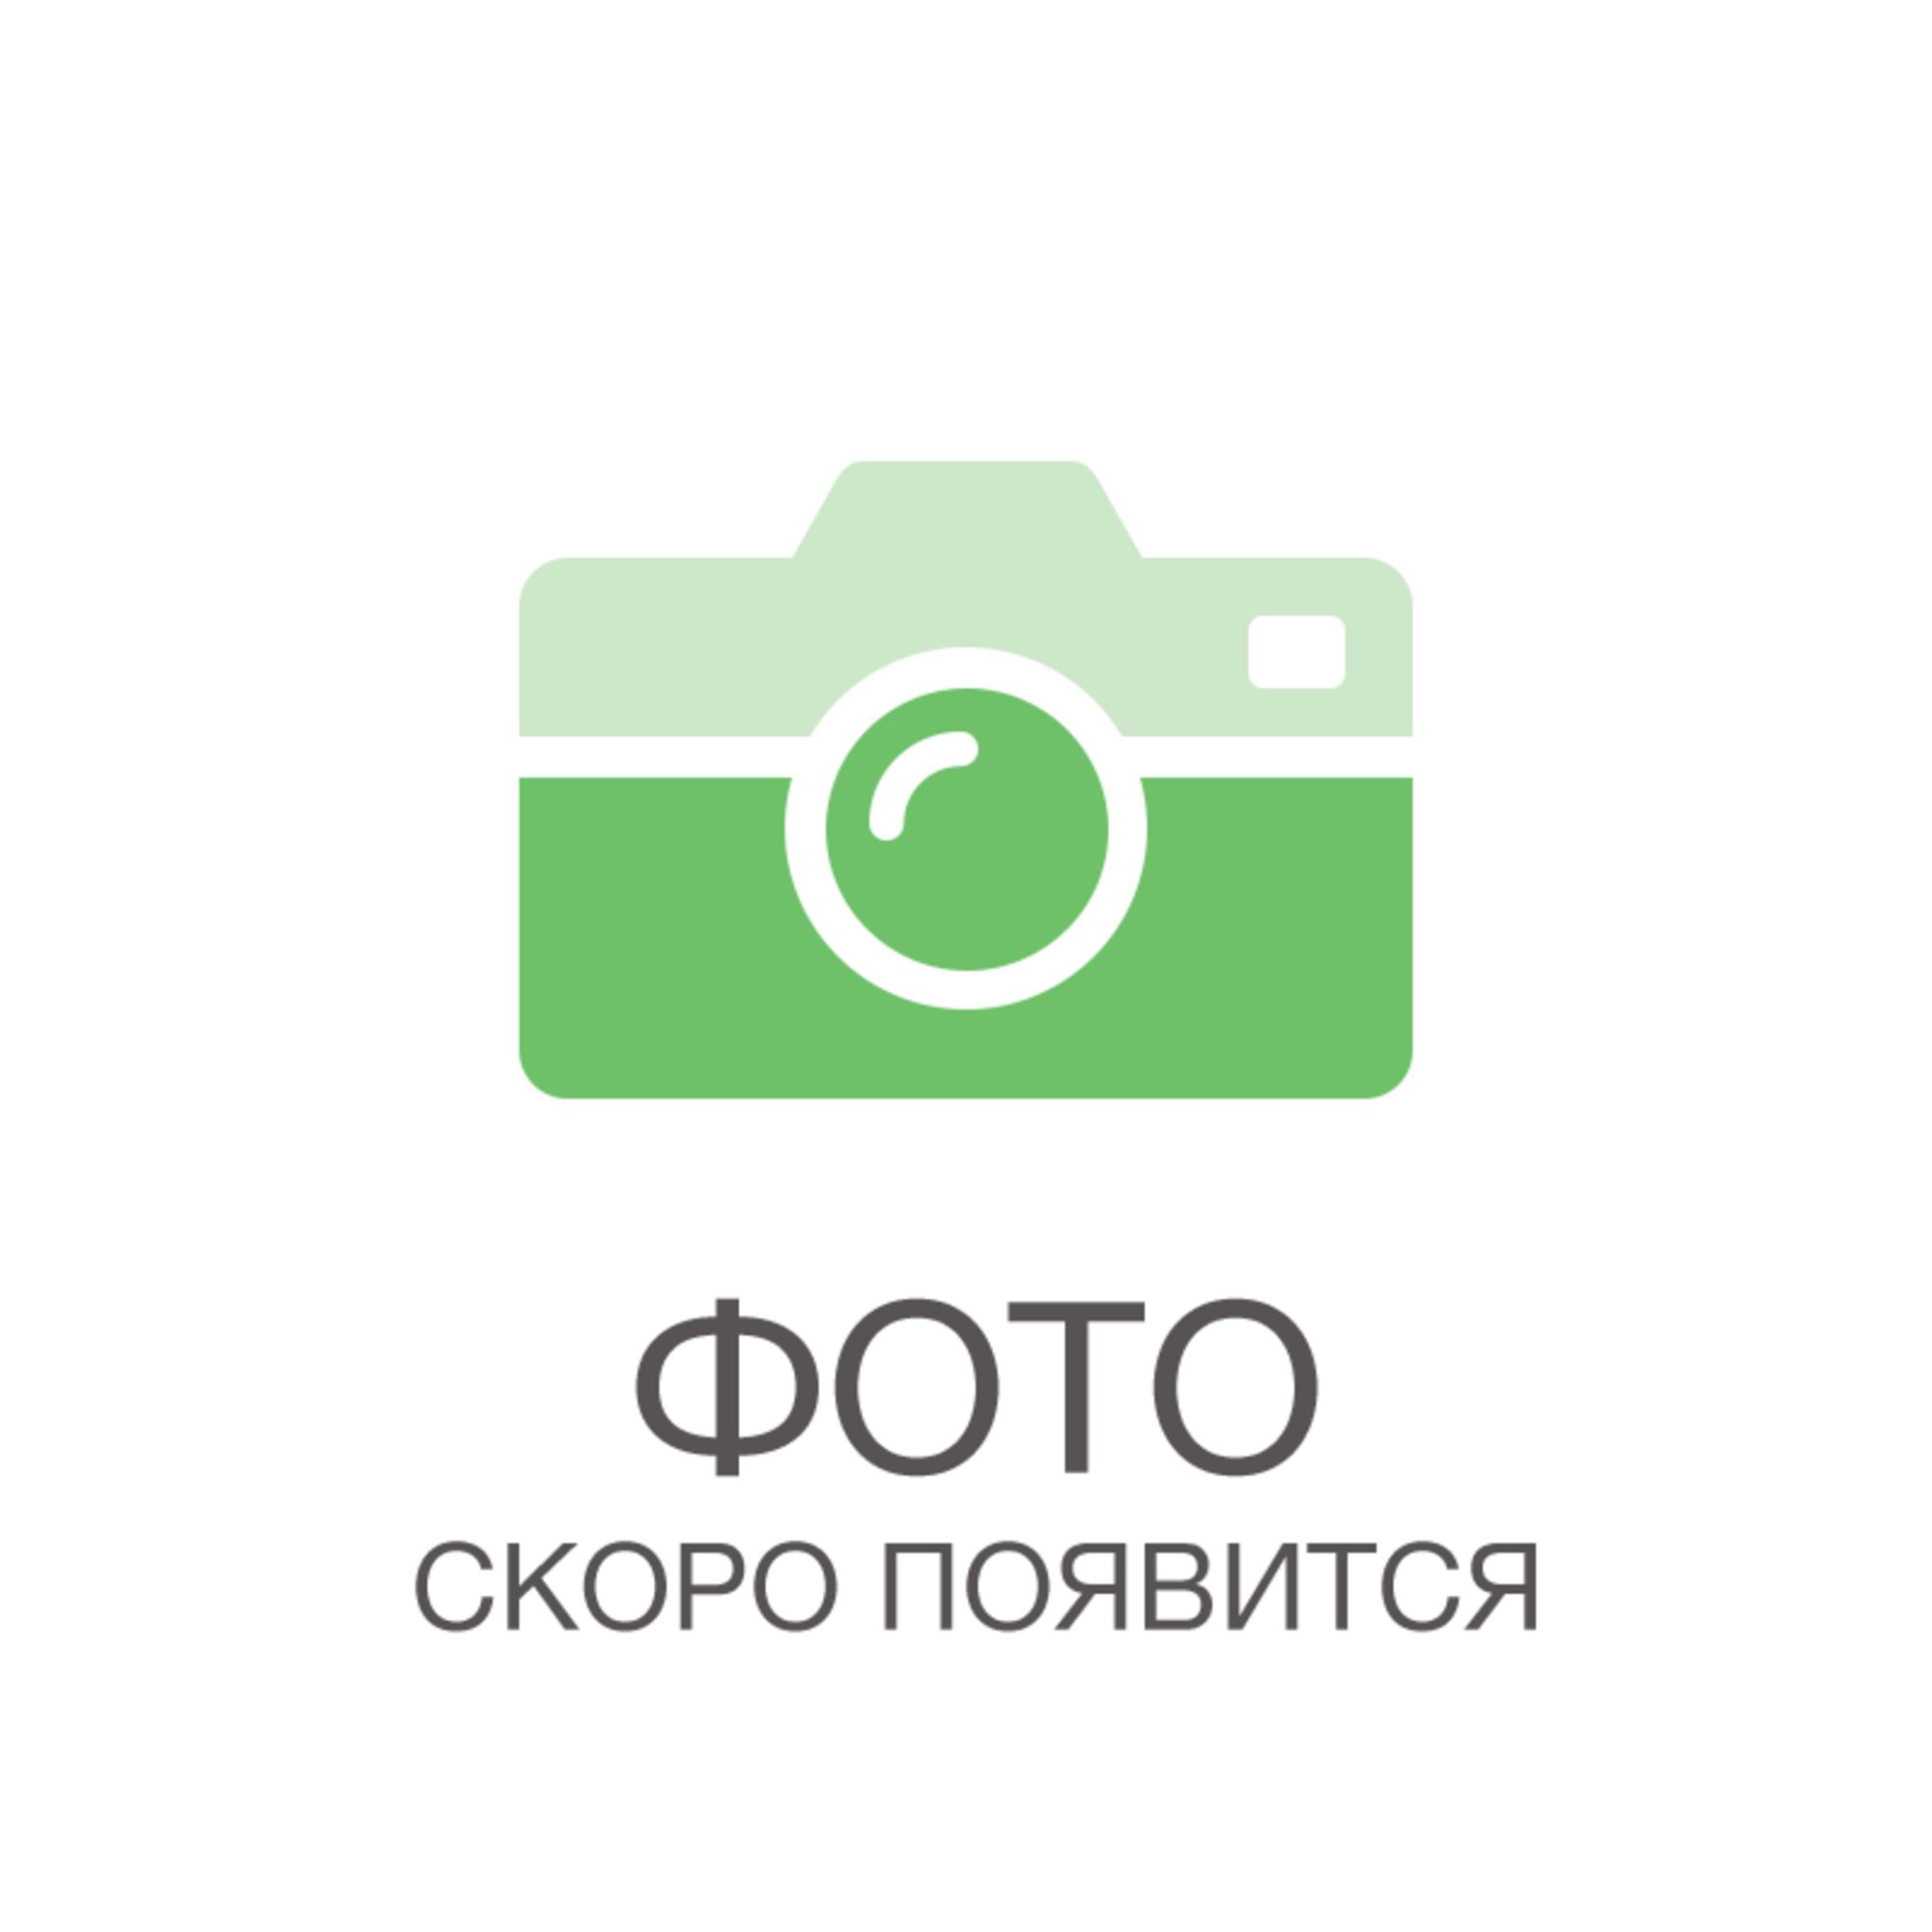 Лампа светодиодная филаментная Elektrostandard E27 8 Вт декоративная прозрачная 440 лм тёплый белый свет